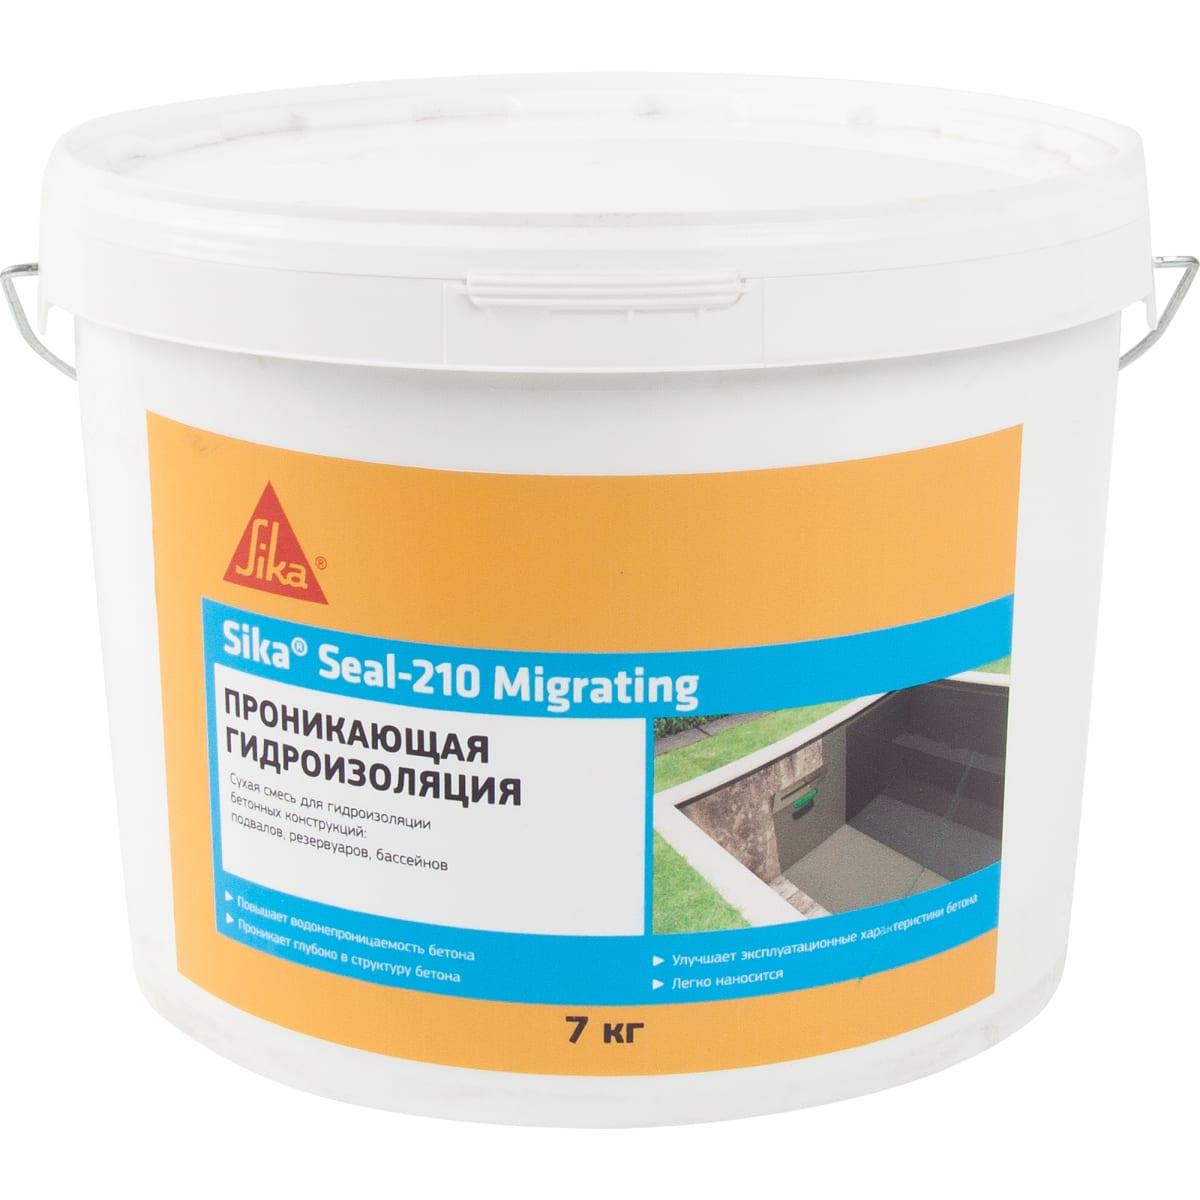 проникающая гидроизоляция купить в спб для бетона